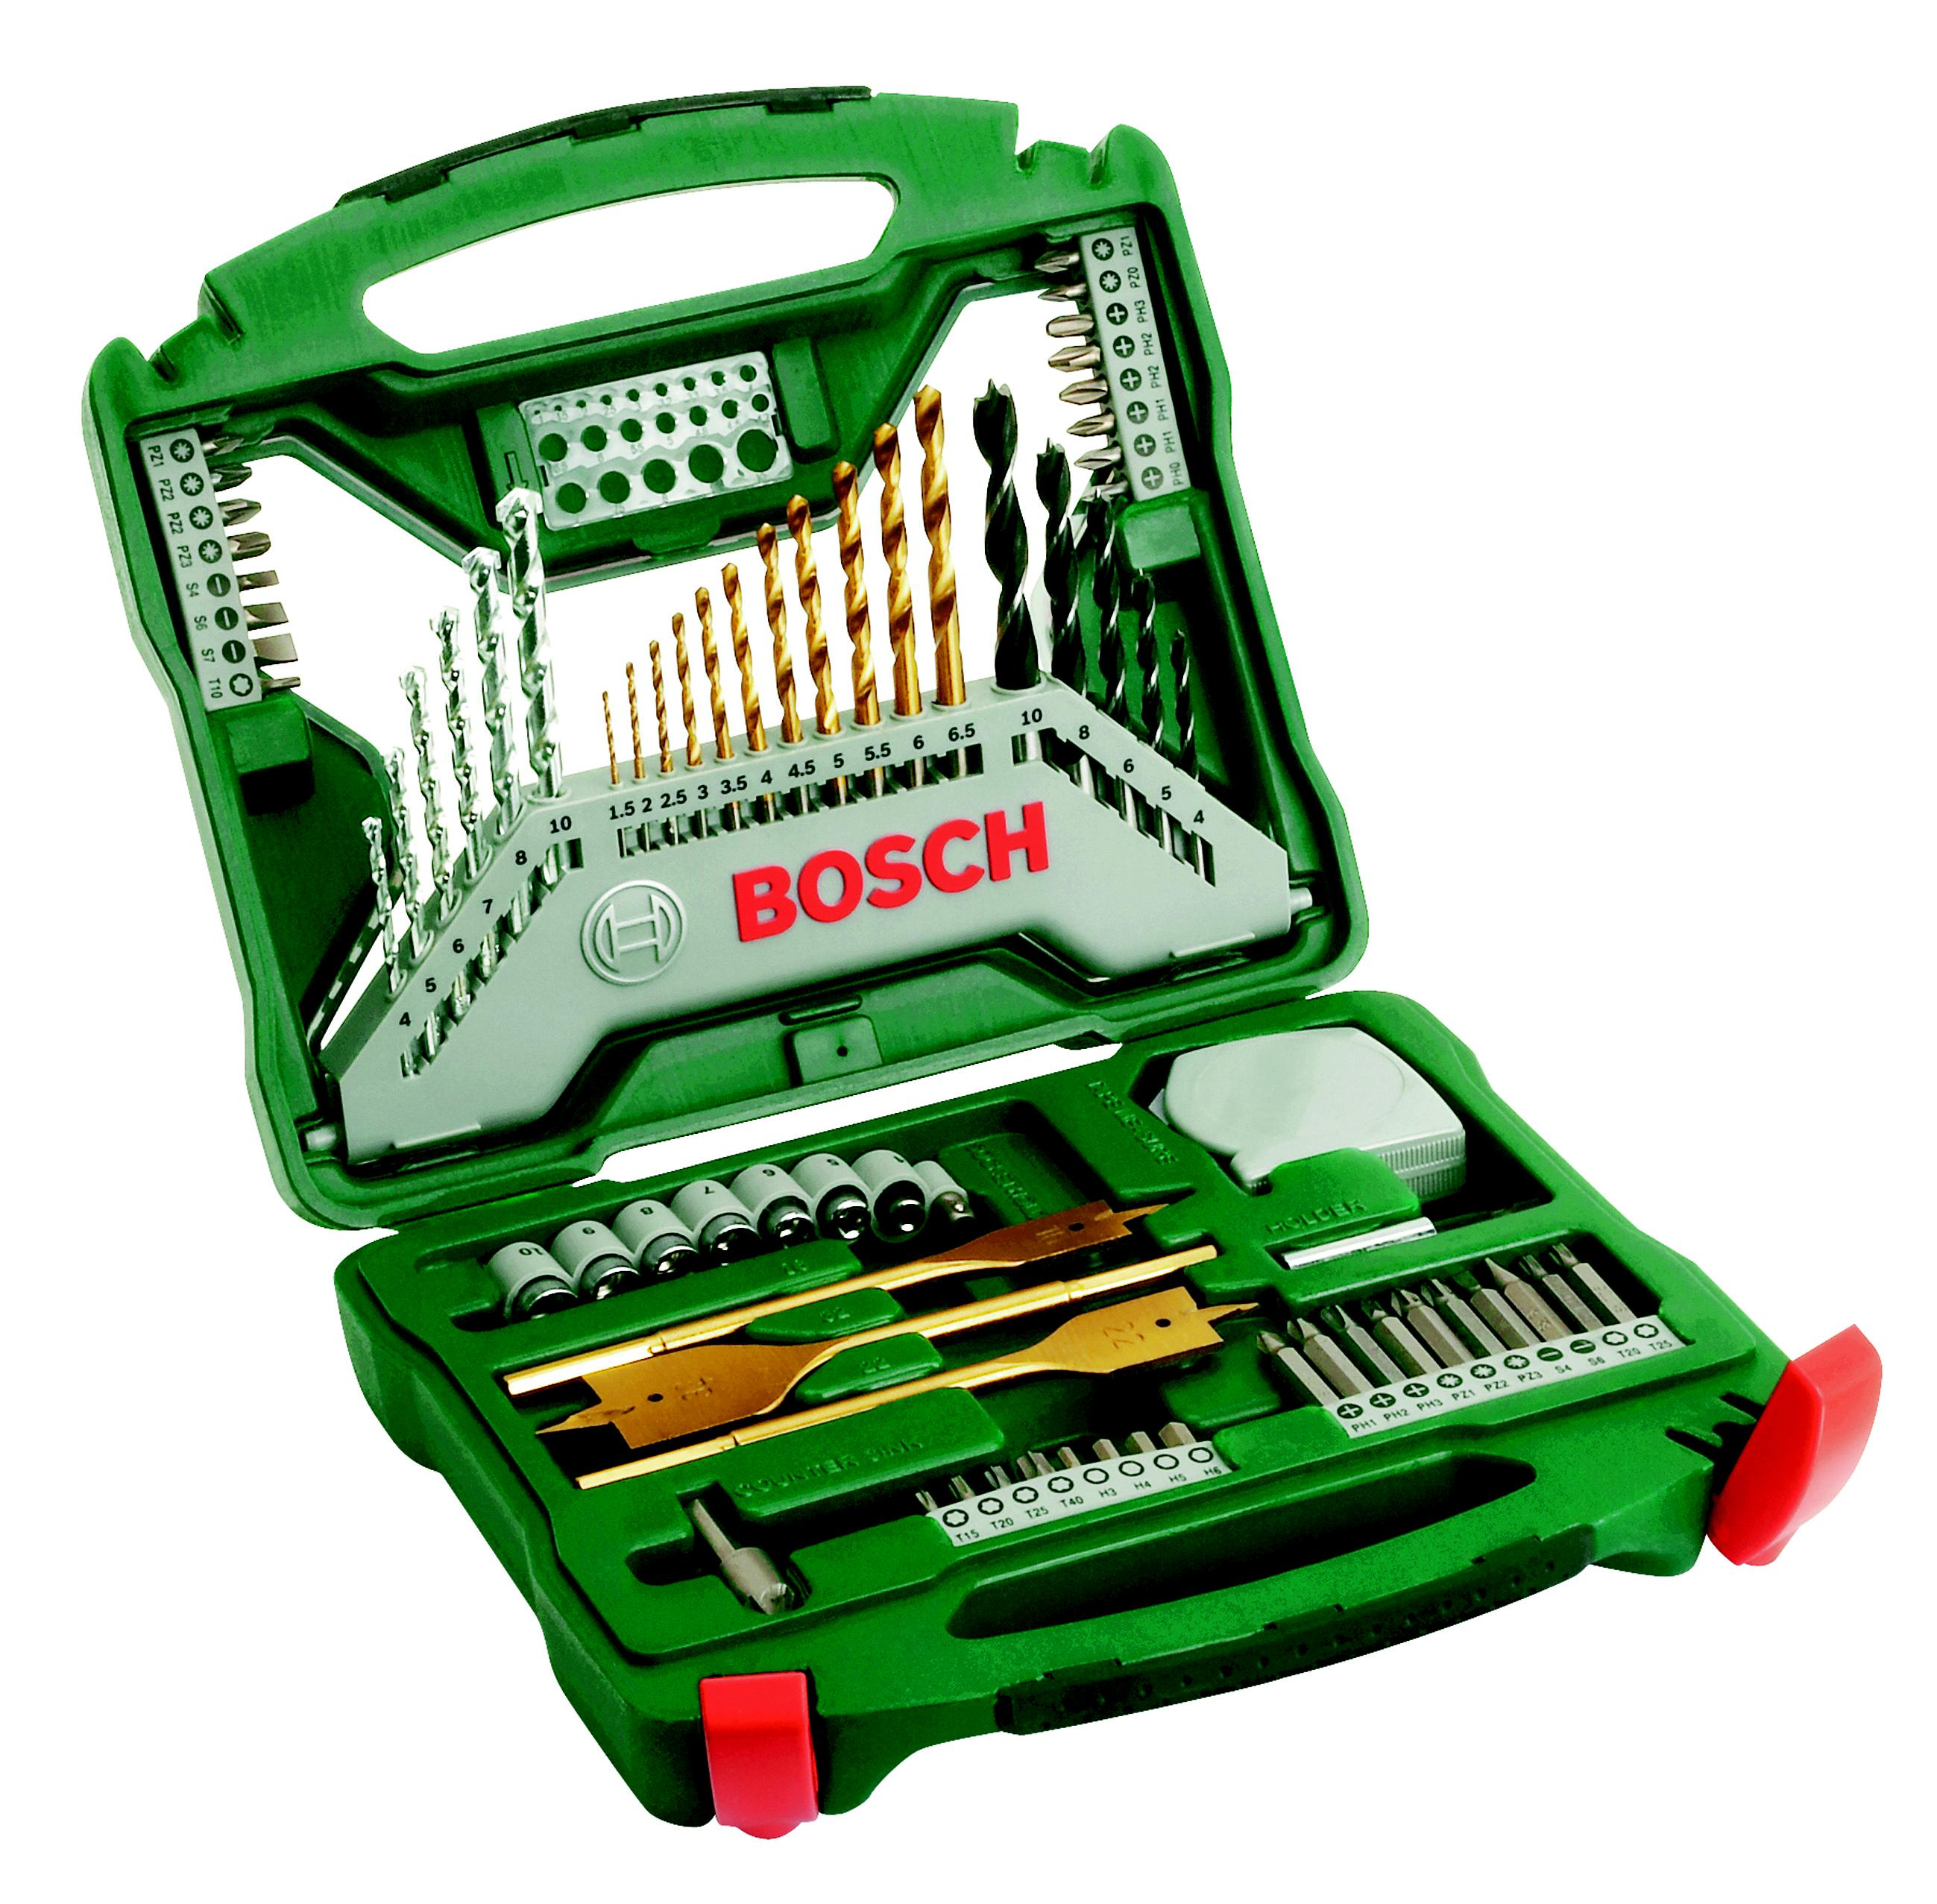 Набор бит и сверл Bosch X-line-70 promoline (2.607.019.329) набор бит и сверел bosch x line titanium 2607019329